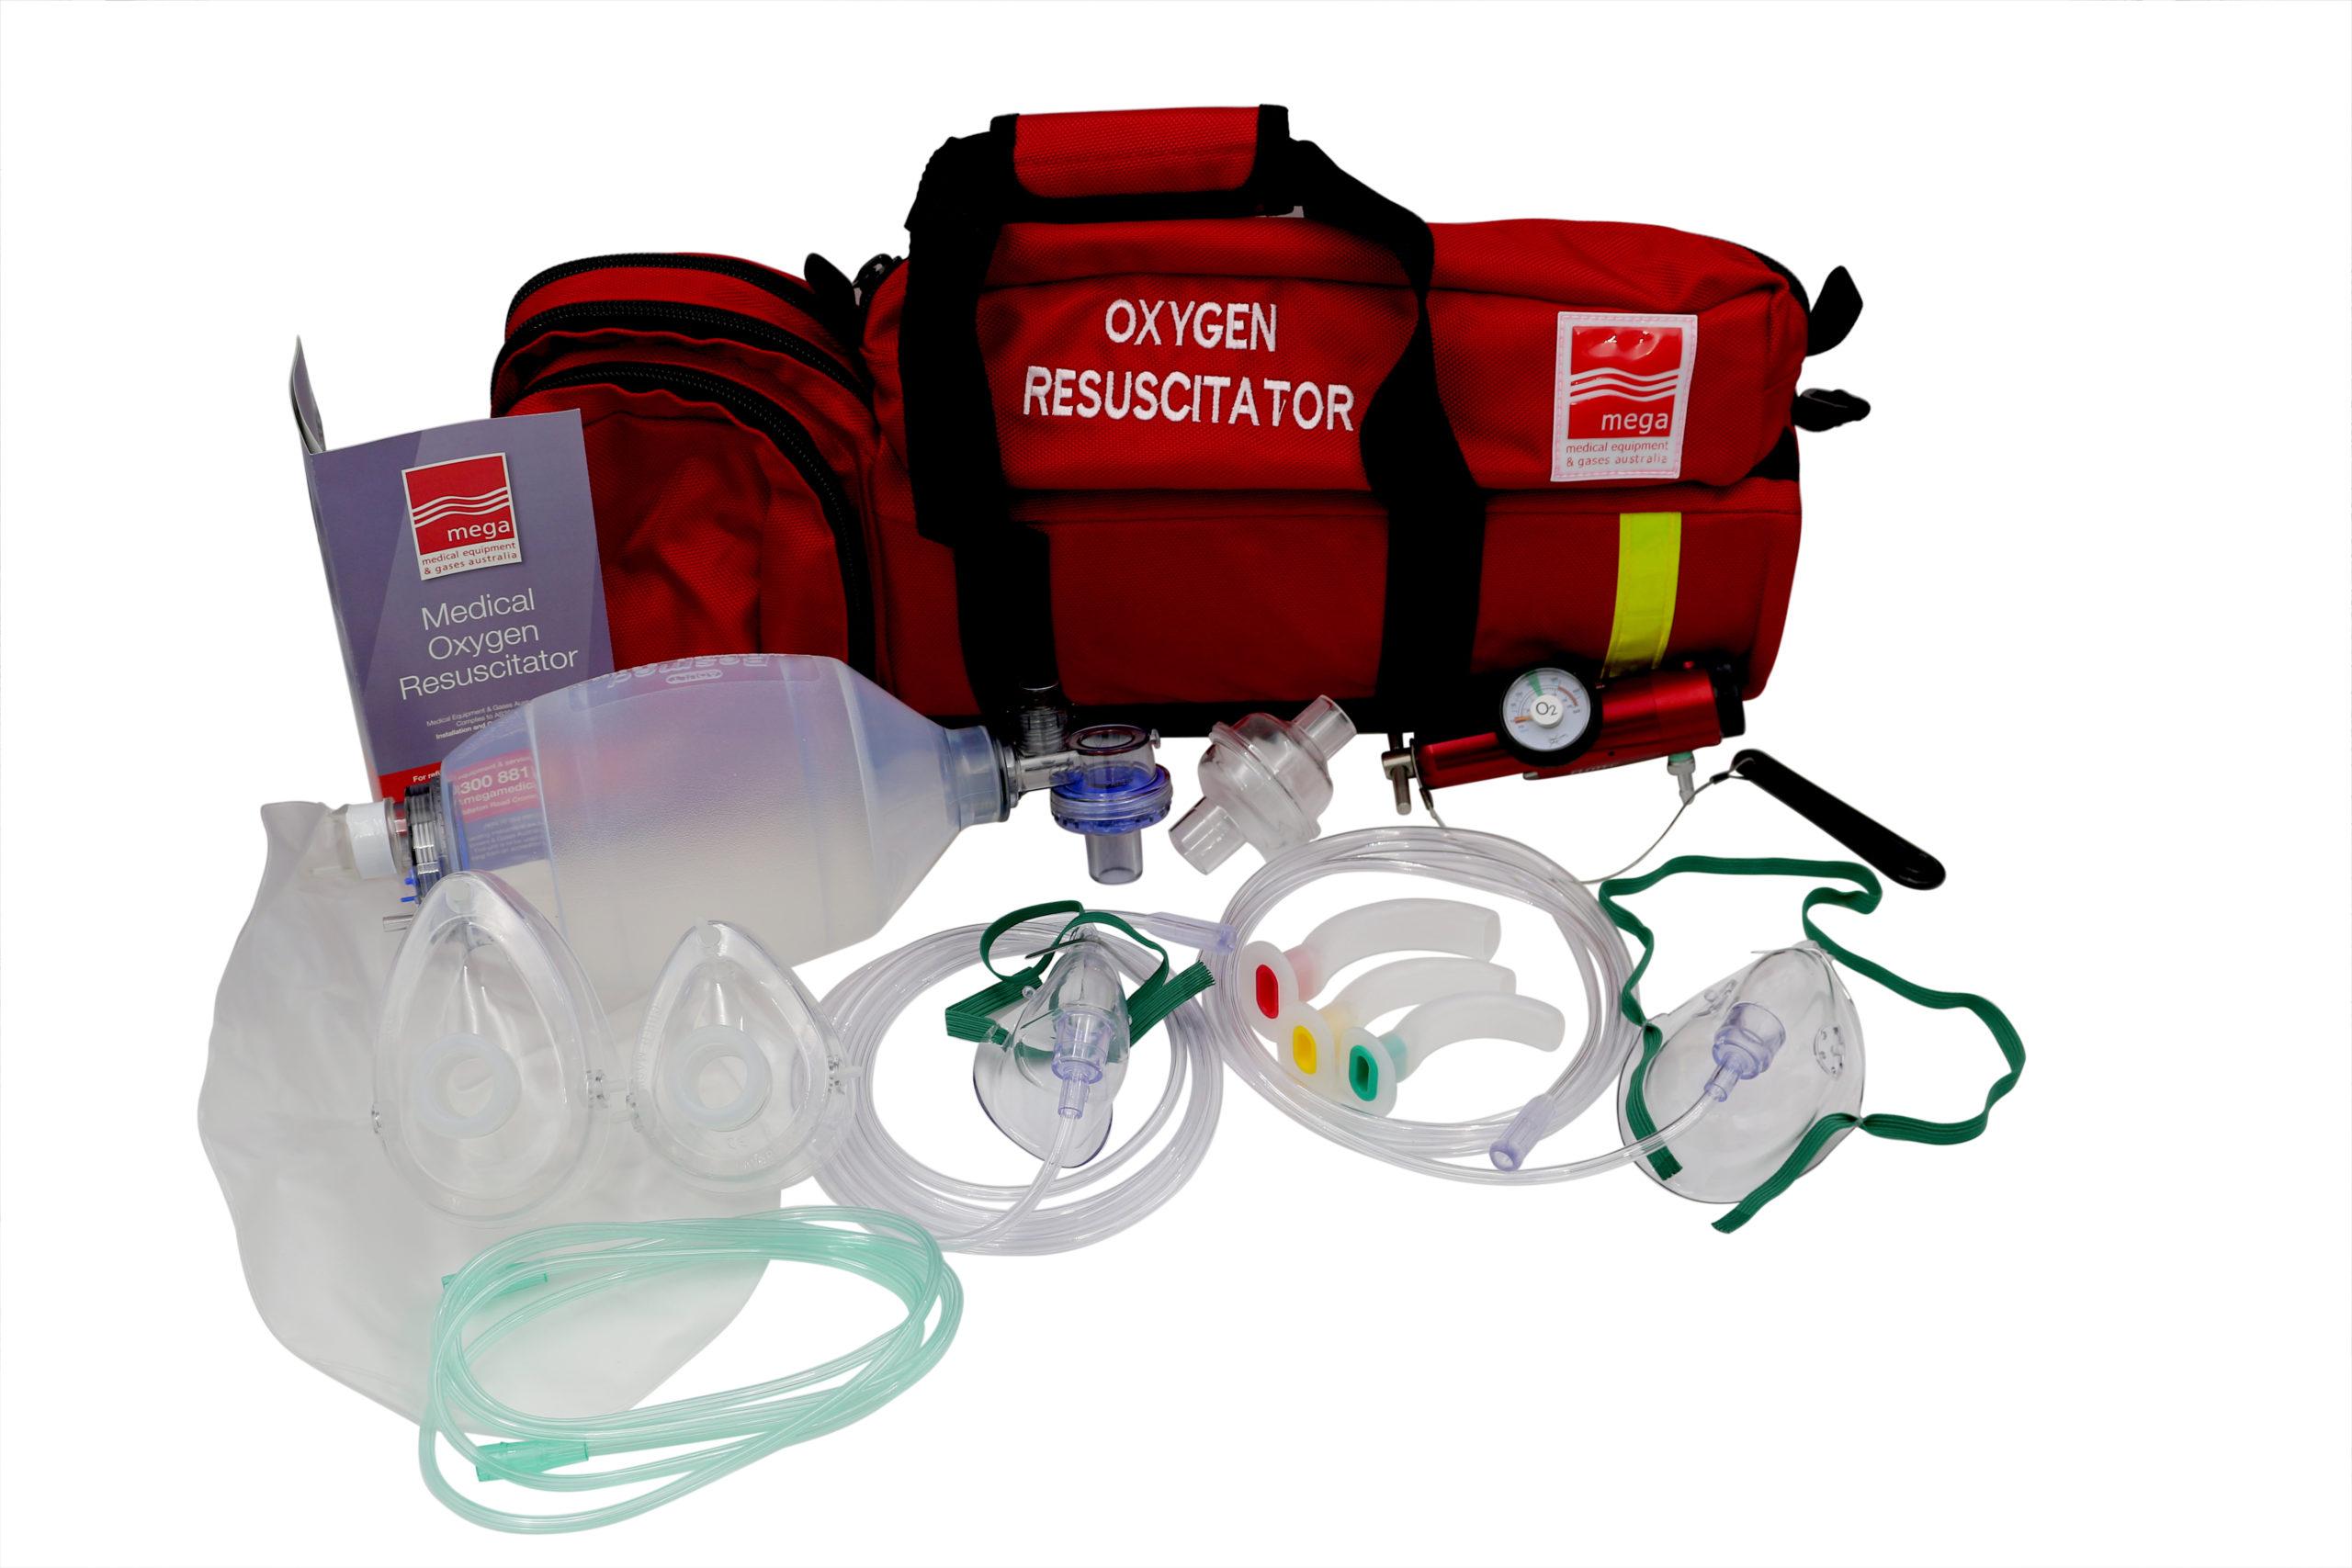 Oxygen and Resuscitaiton Kits